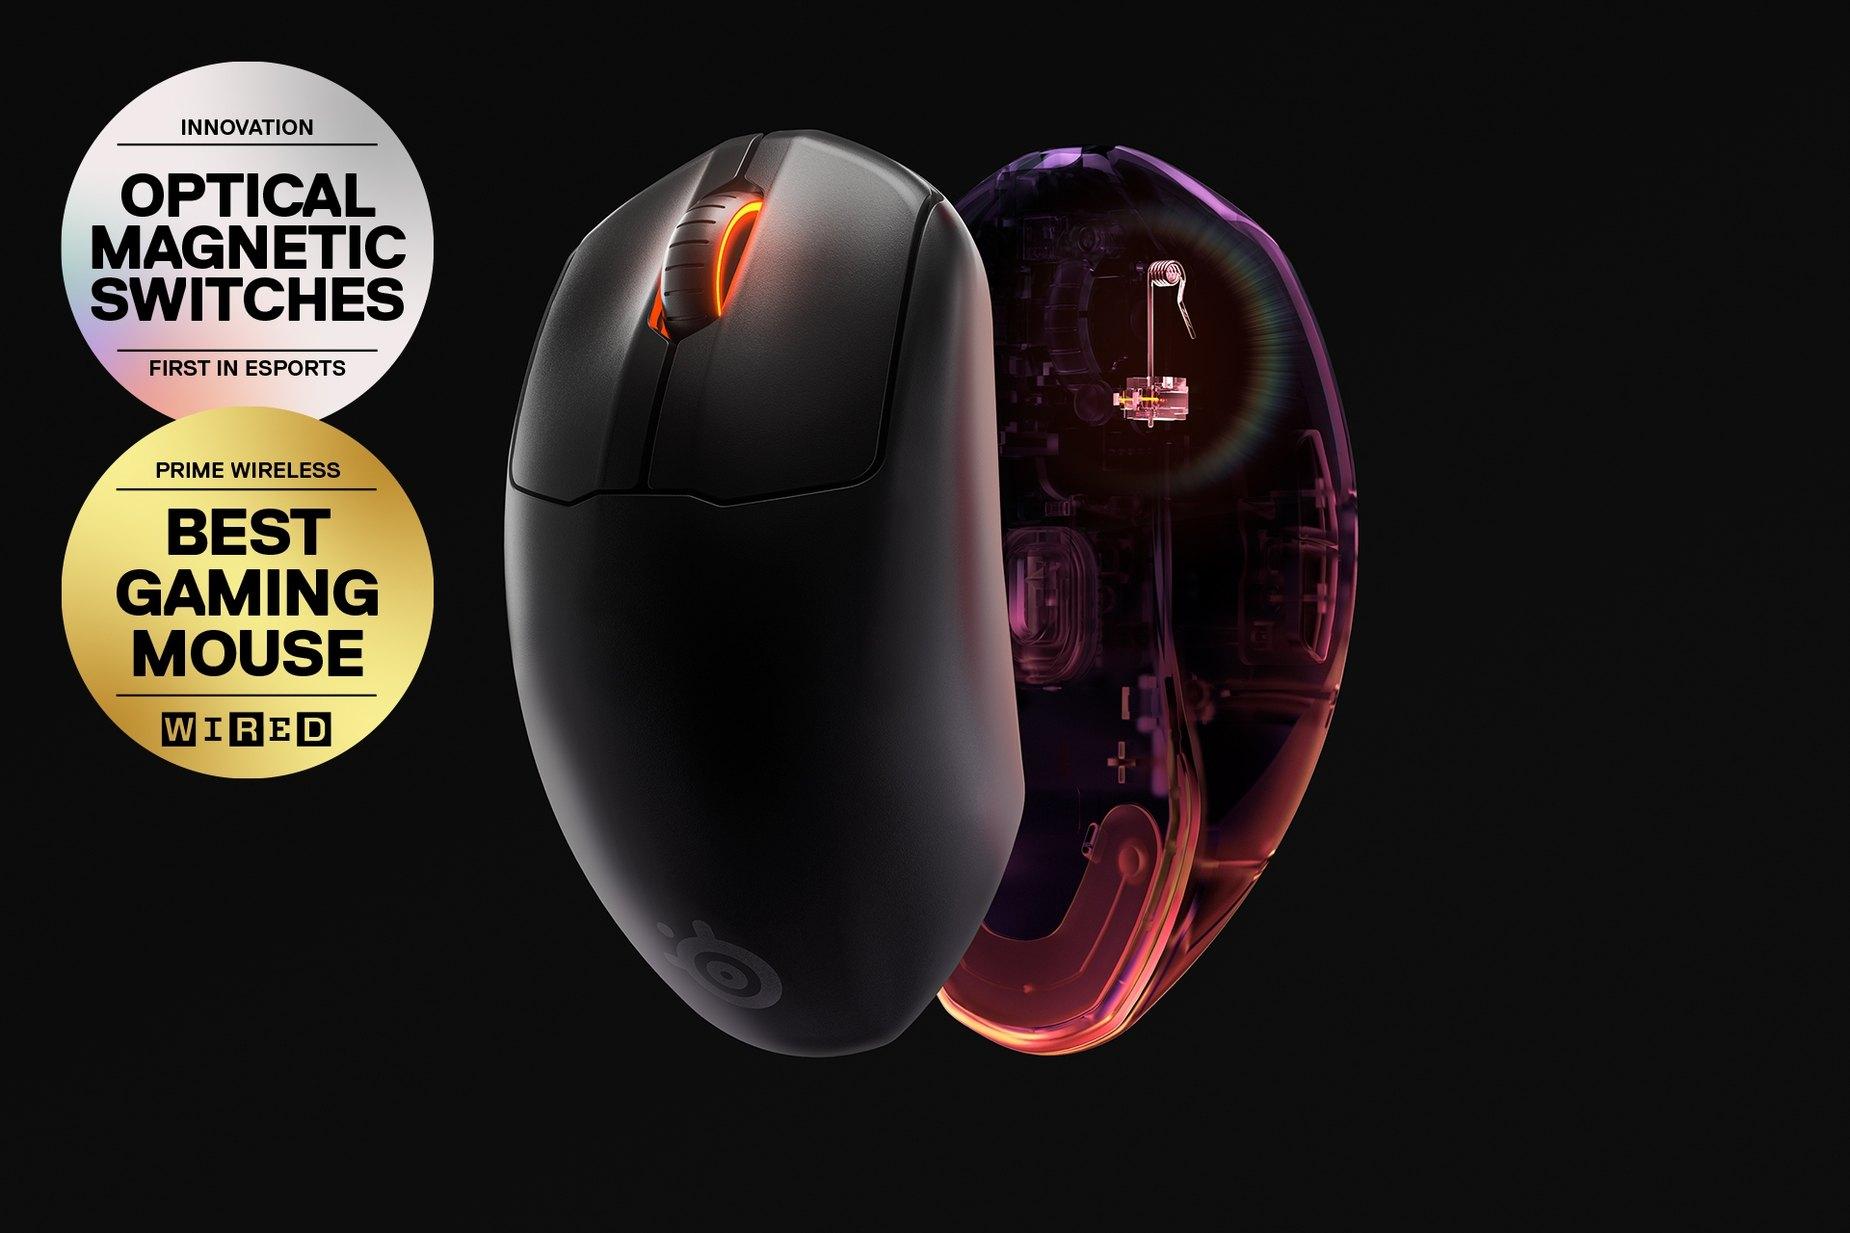 Dwie myszy Prime Wireless: jedna ukazuje podpórkę na dłoń, a druga – czujnik.